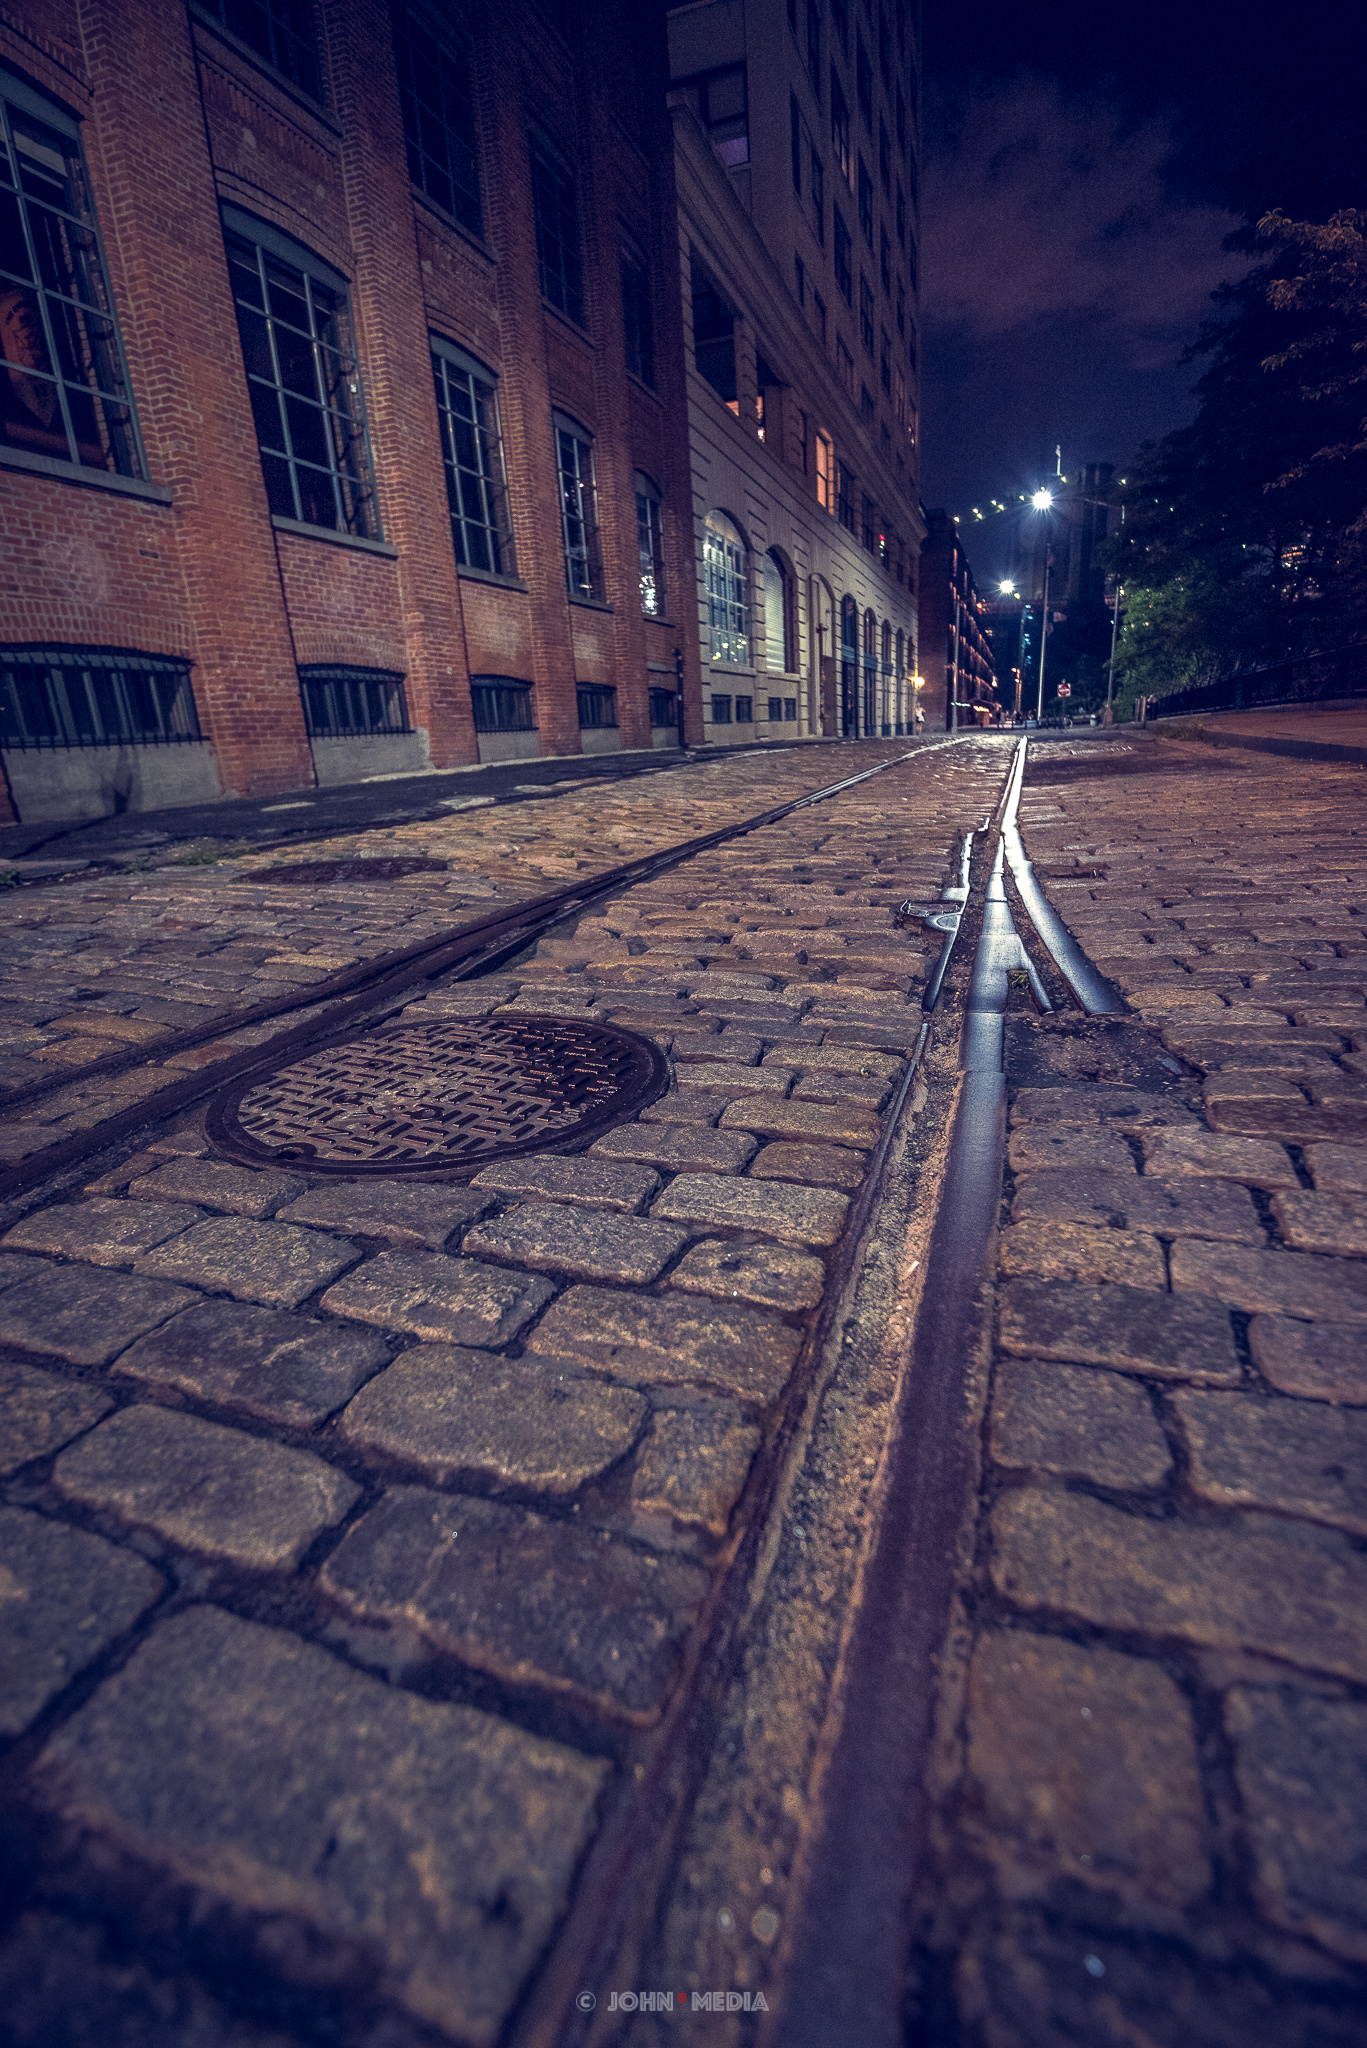 Brooklyn's old railway